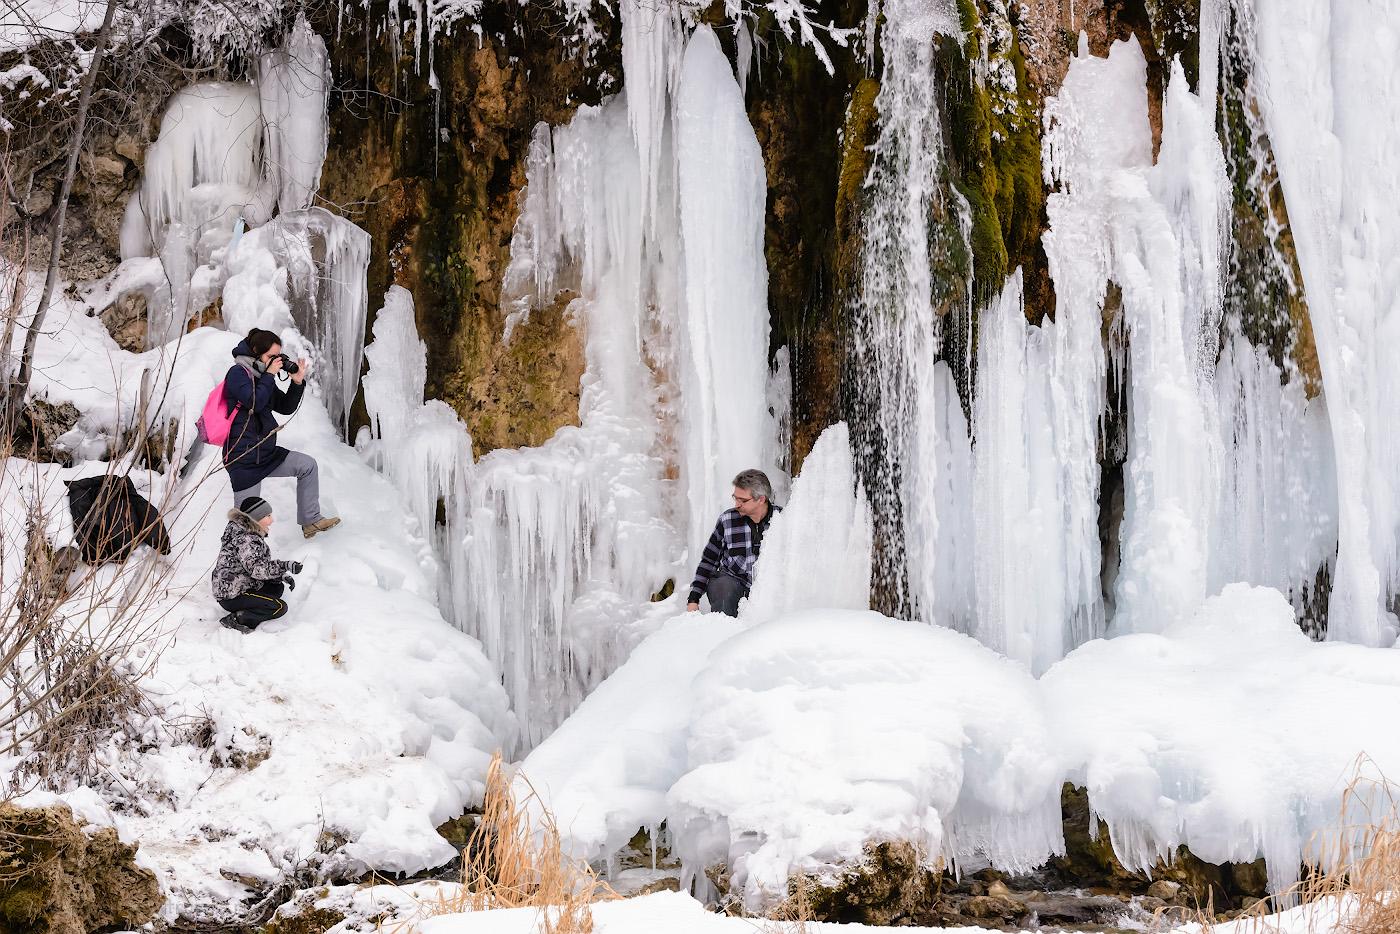 Фотография 16. Фотосессия в ледяных палатах водопада Плакун. Как мы отправились в путешествие по Пермскому краю зимой на автомобиле.